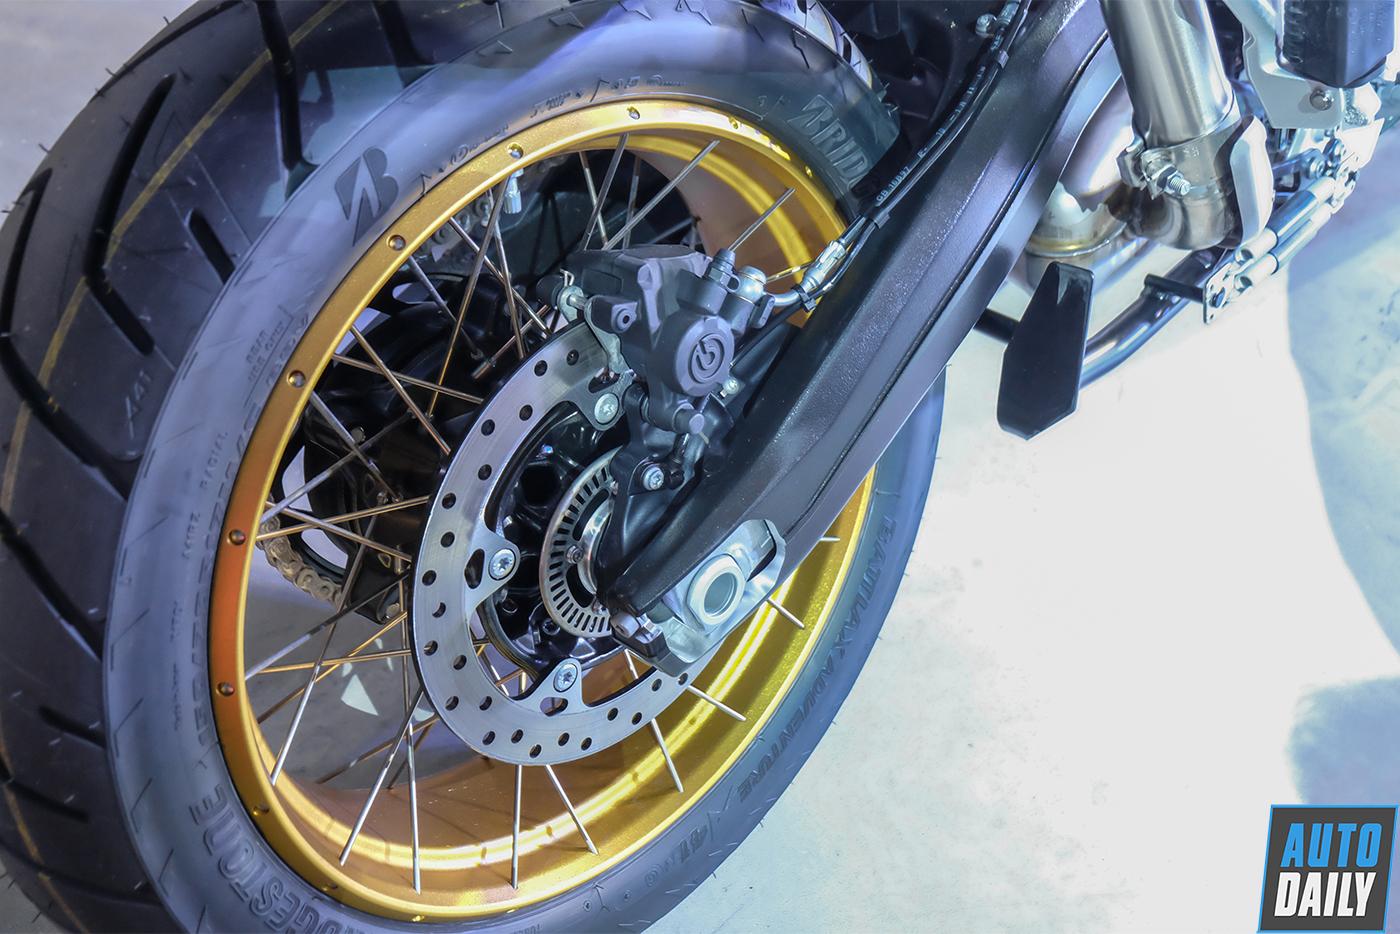 bmw-motorrad-f-850-gs-2019-43.jpg